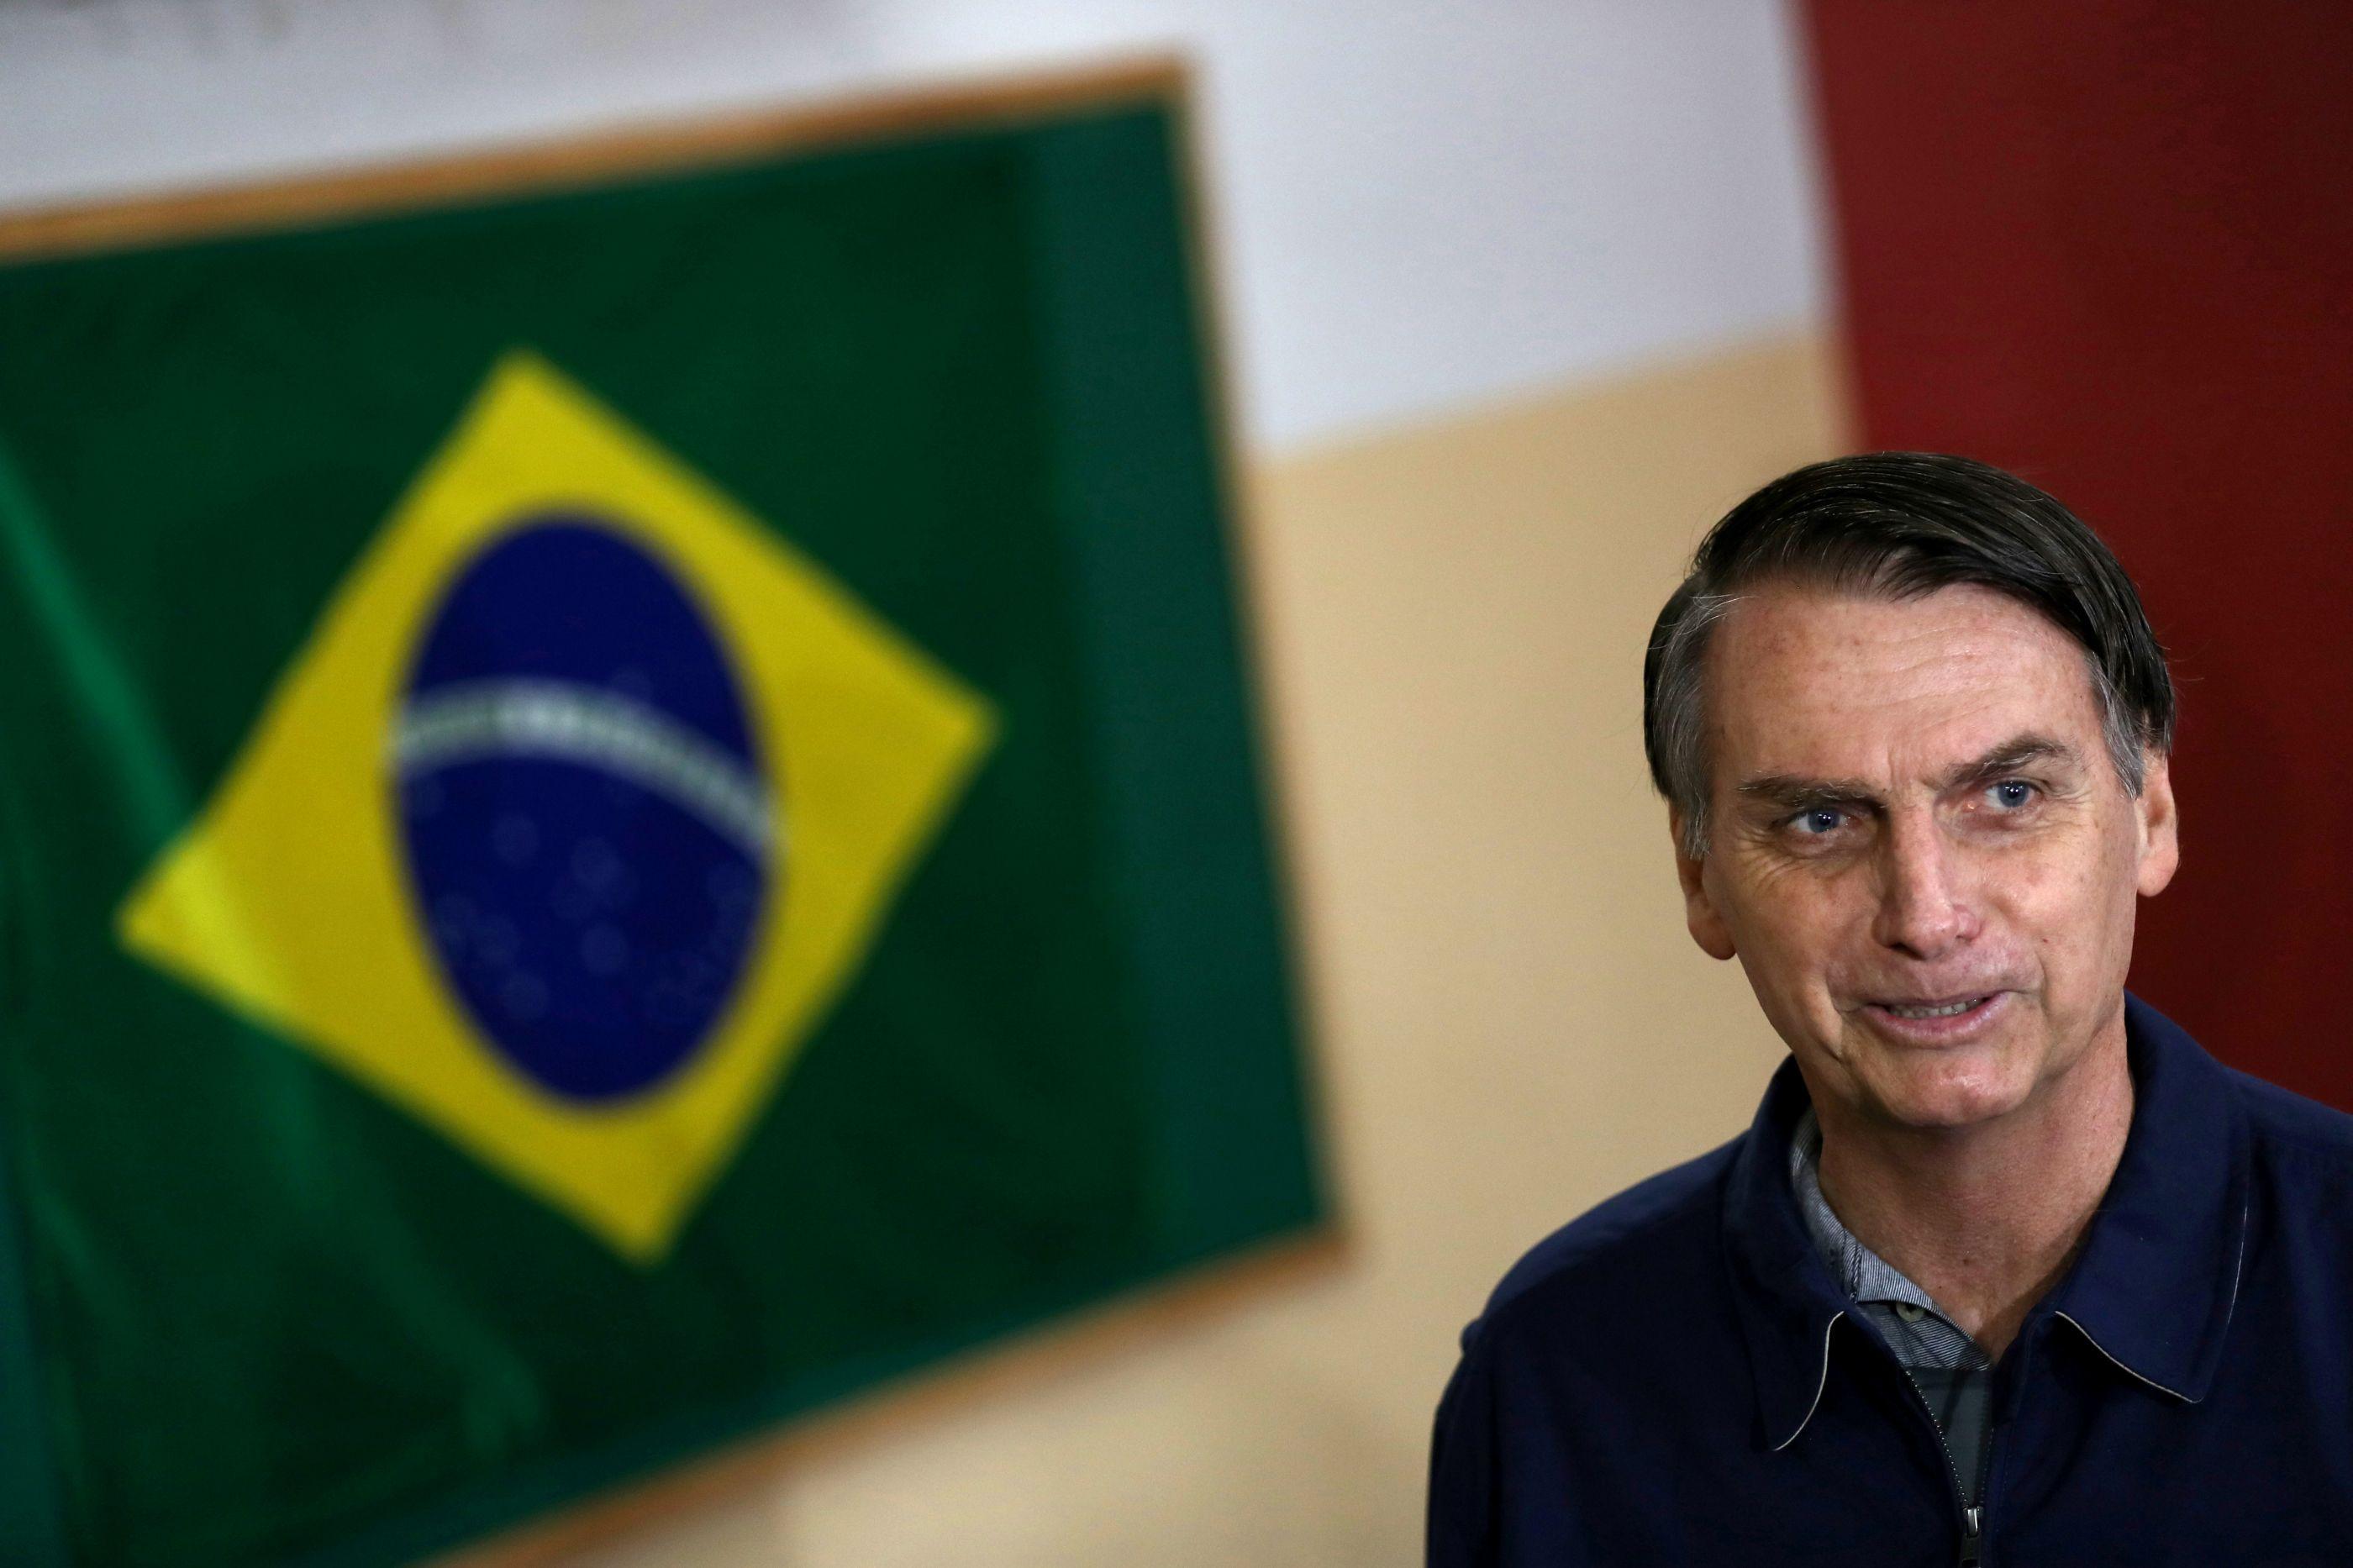 Grande Oriente Lusitano repudia valores que elegeram Bolsonaro